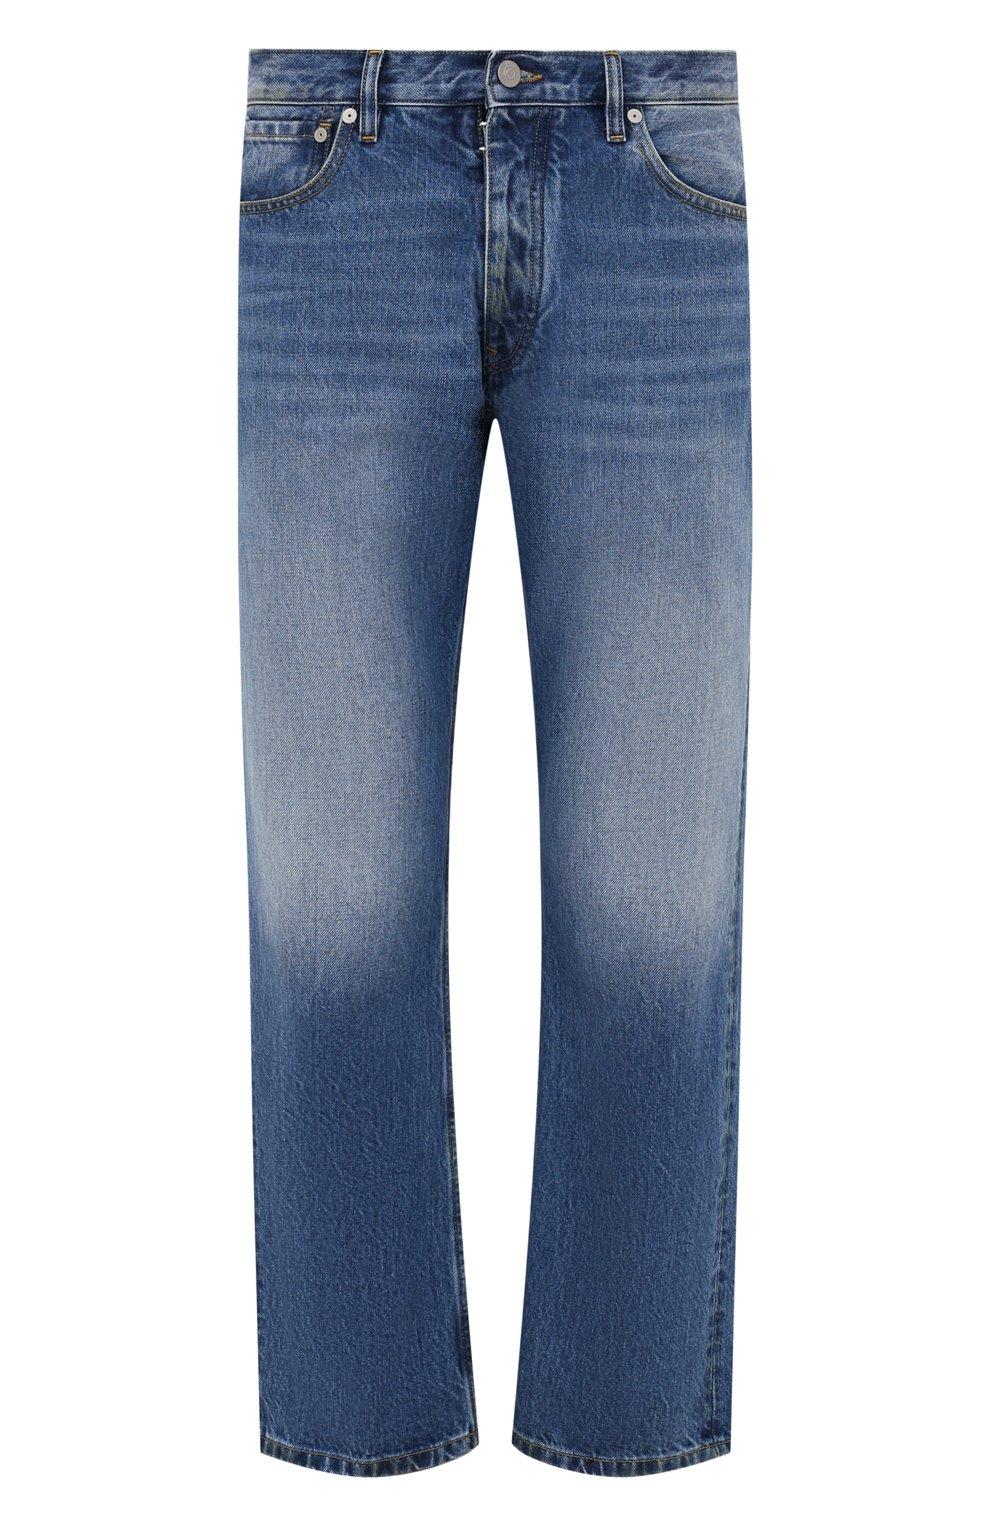 Мужские джинсы MAISON MARGIELA синего цвета, арт. S50LA0189/S30561 | Фото 1 (Силуэт М (брюки): Широкие; Кросс-КТ: Деним; Длина (брюки, джинсы): Стандартные; Материал внешний: Хлопок; Детали: Потертости; Стили: Минимализм)